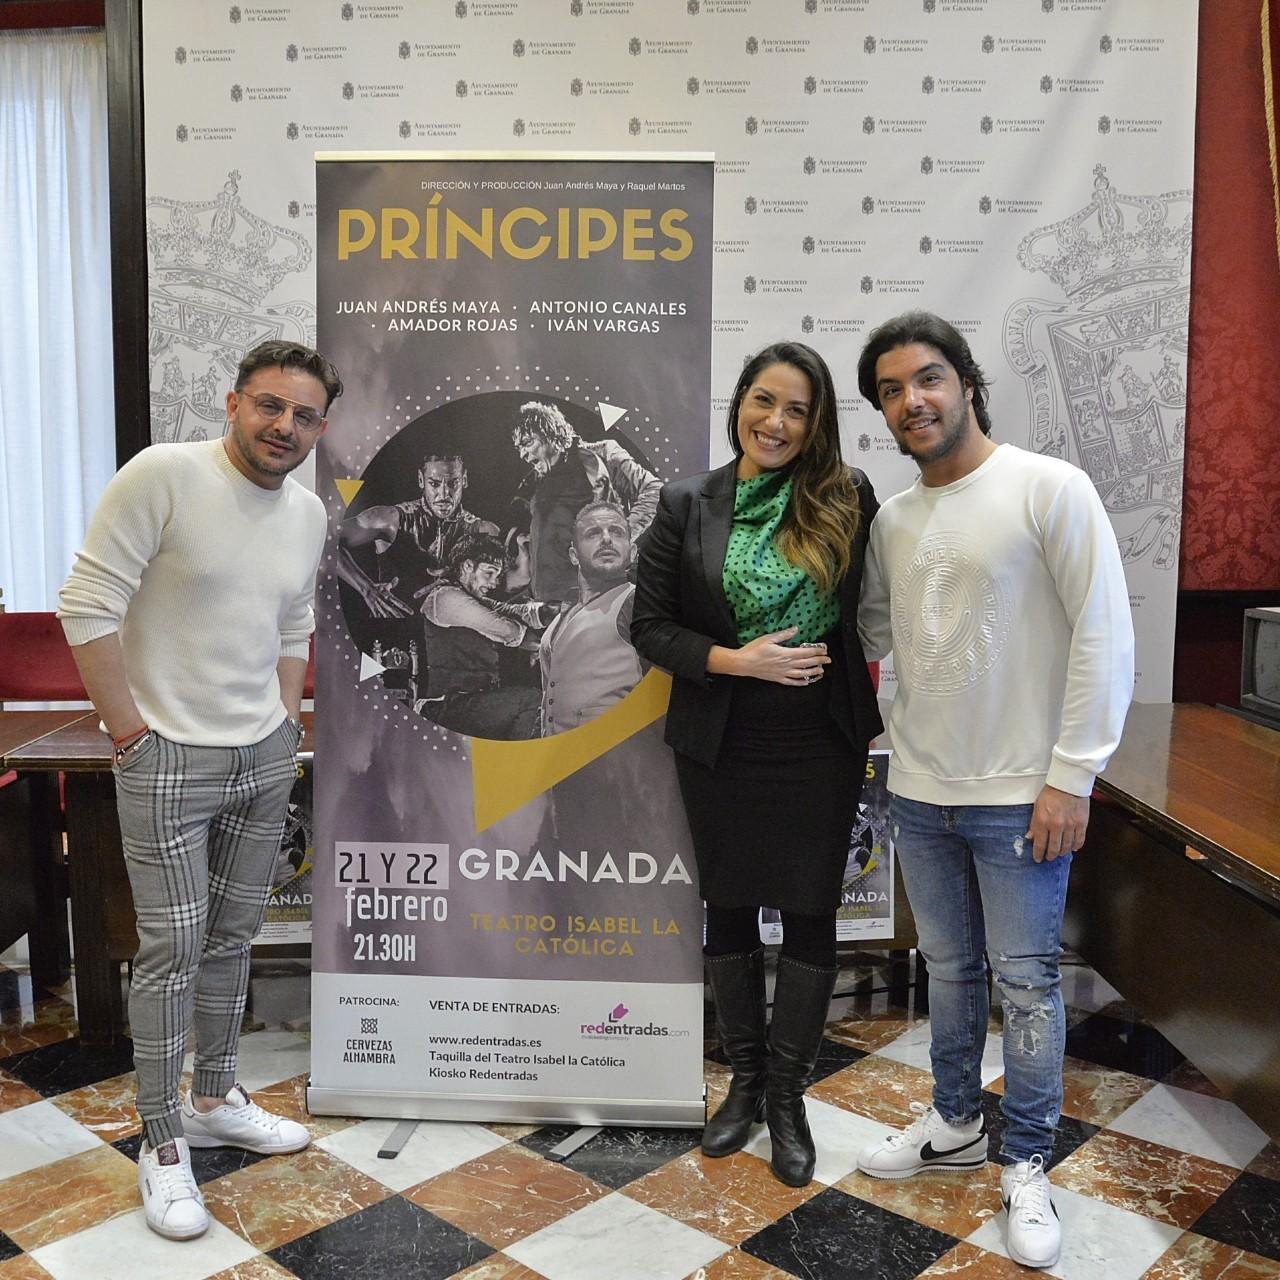 «Príncipes», nuevo espectáculo de Juan Andres Maya en el Isabel La Católica